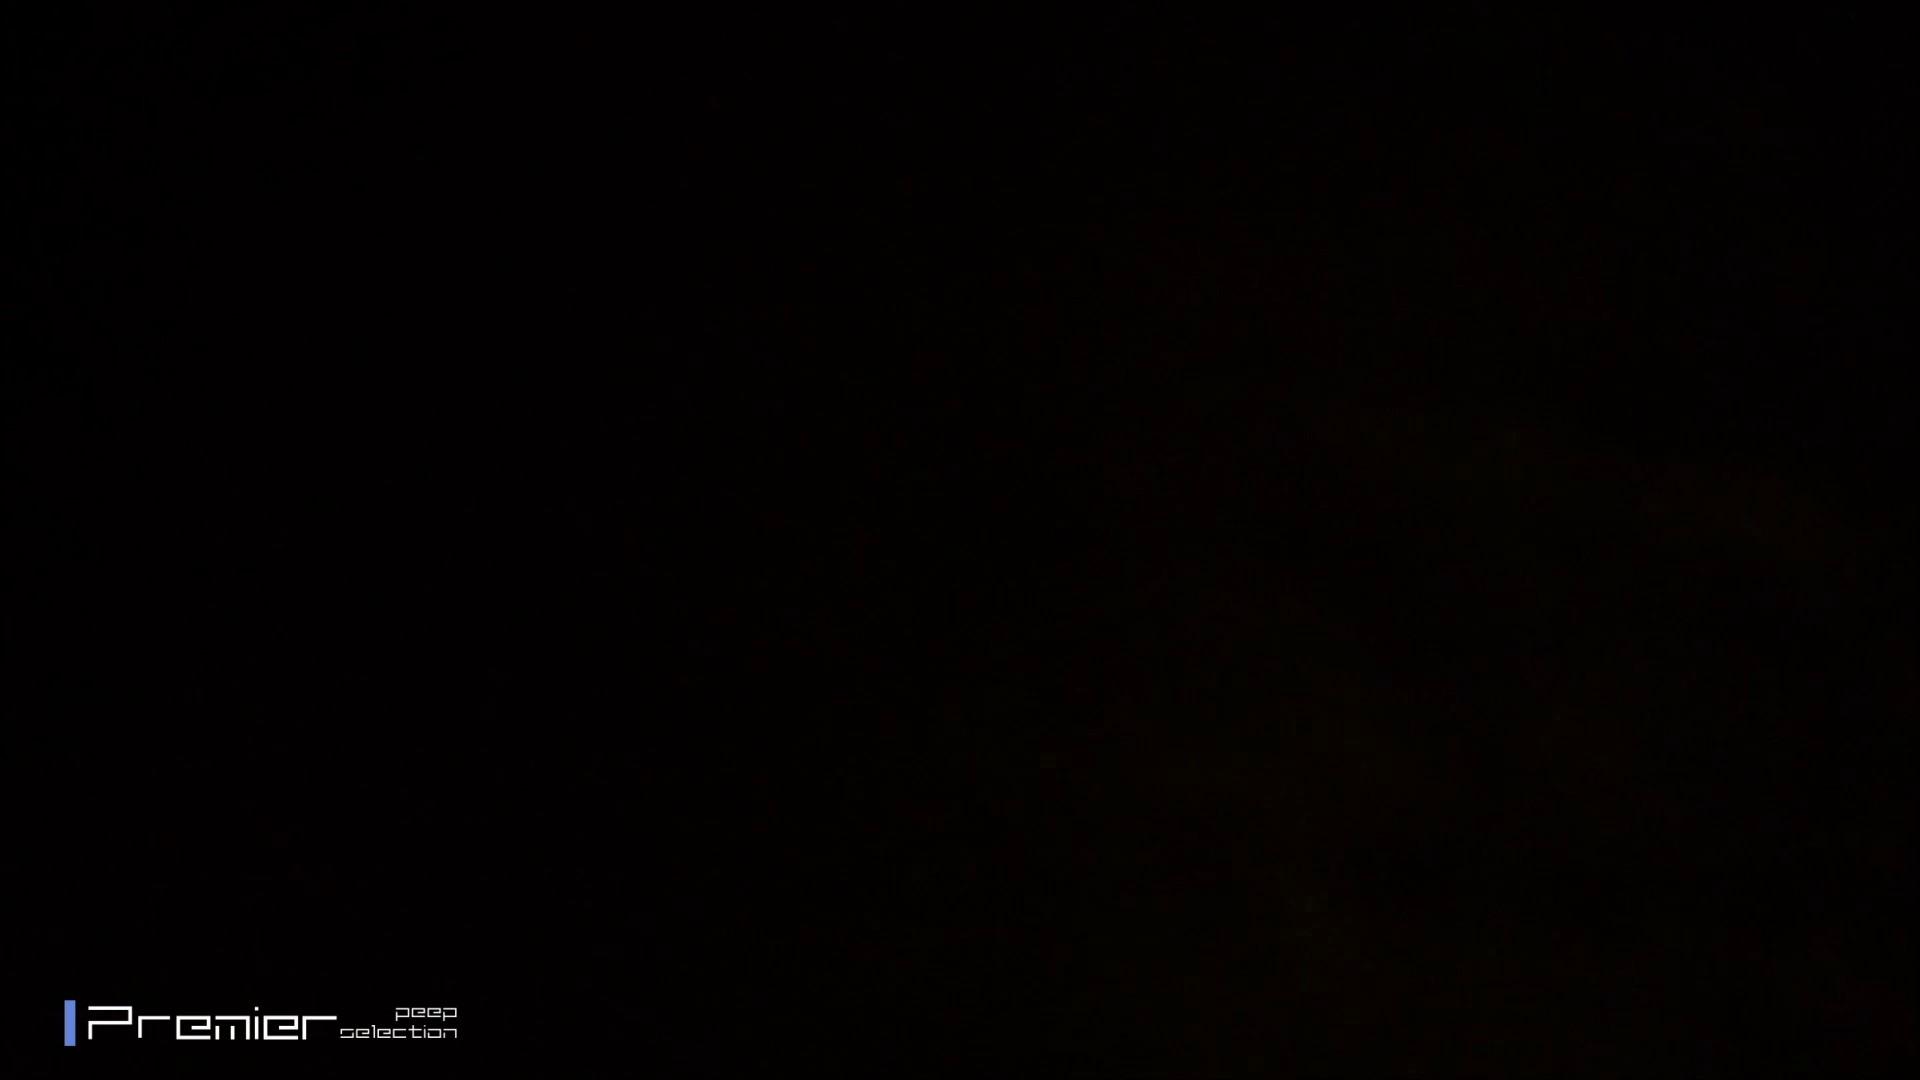 美女のテレビを見ながらの入浴 乙女の風呂場 Vol.21 高評価 AV無料動画キャプチャ 85枚 23